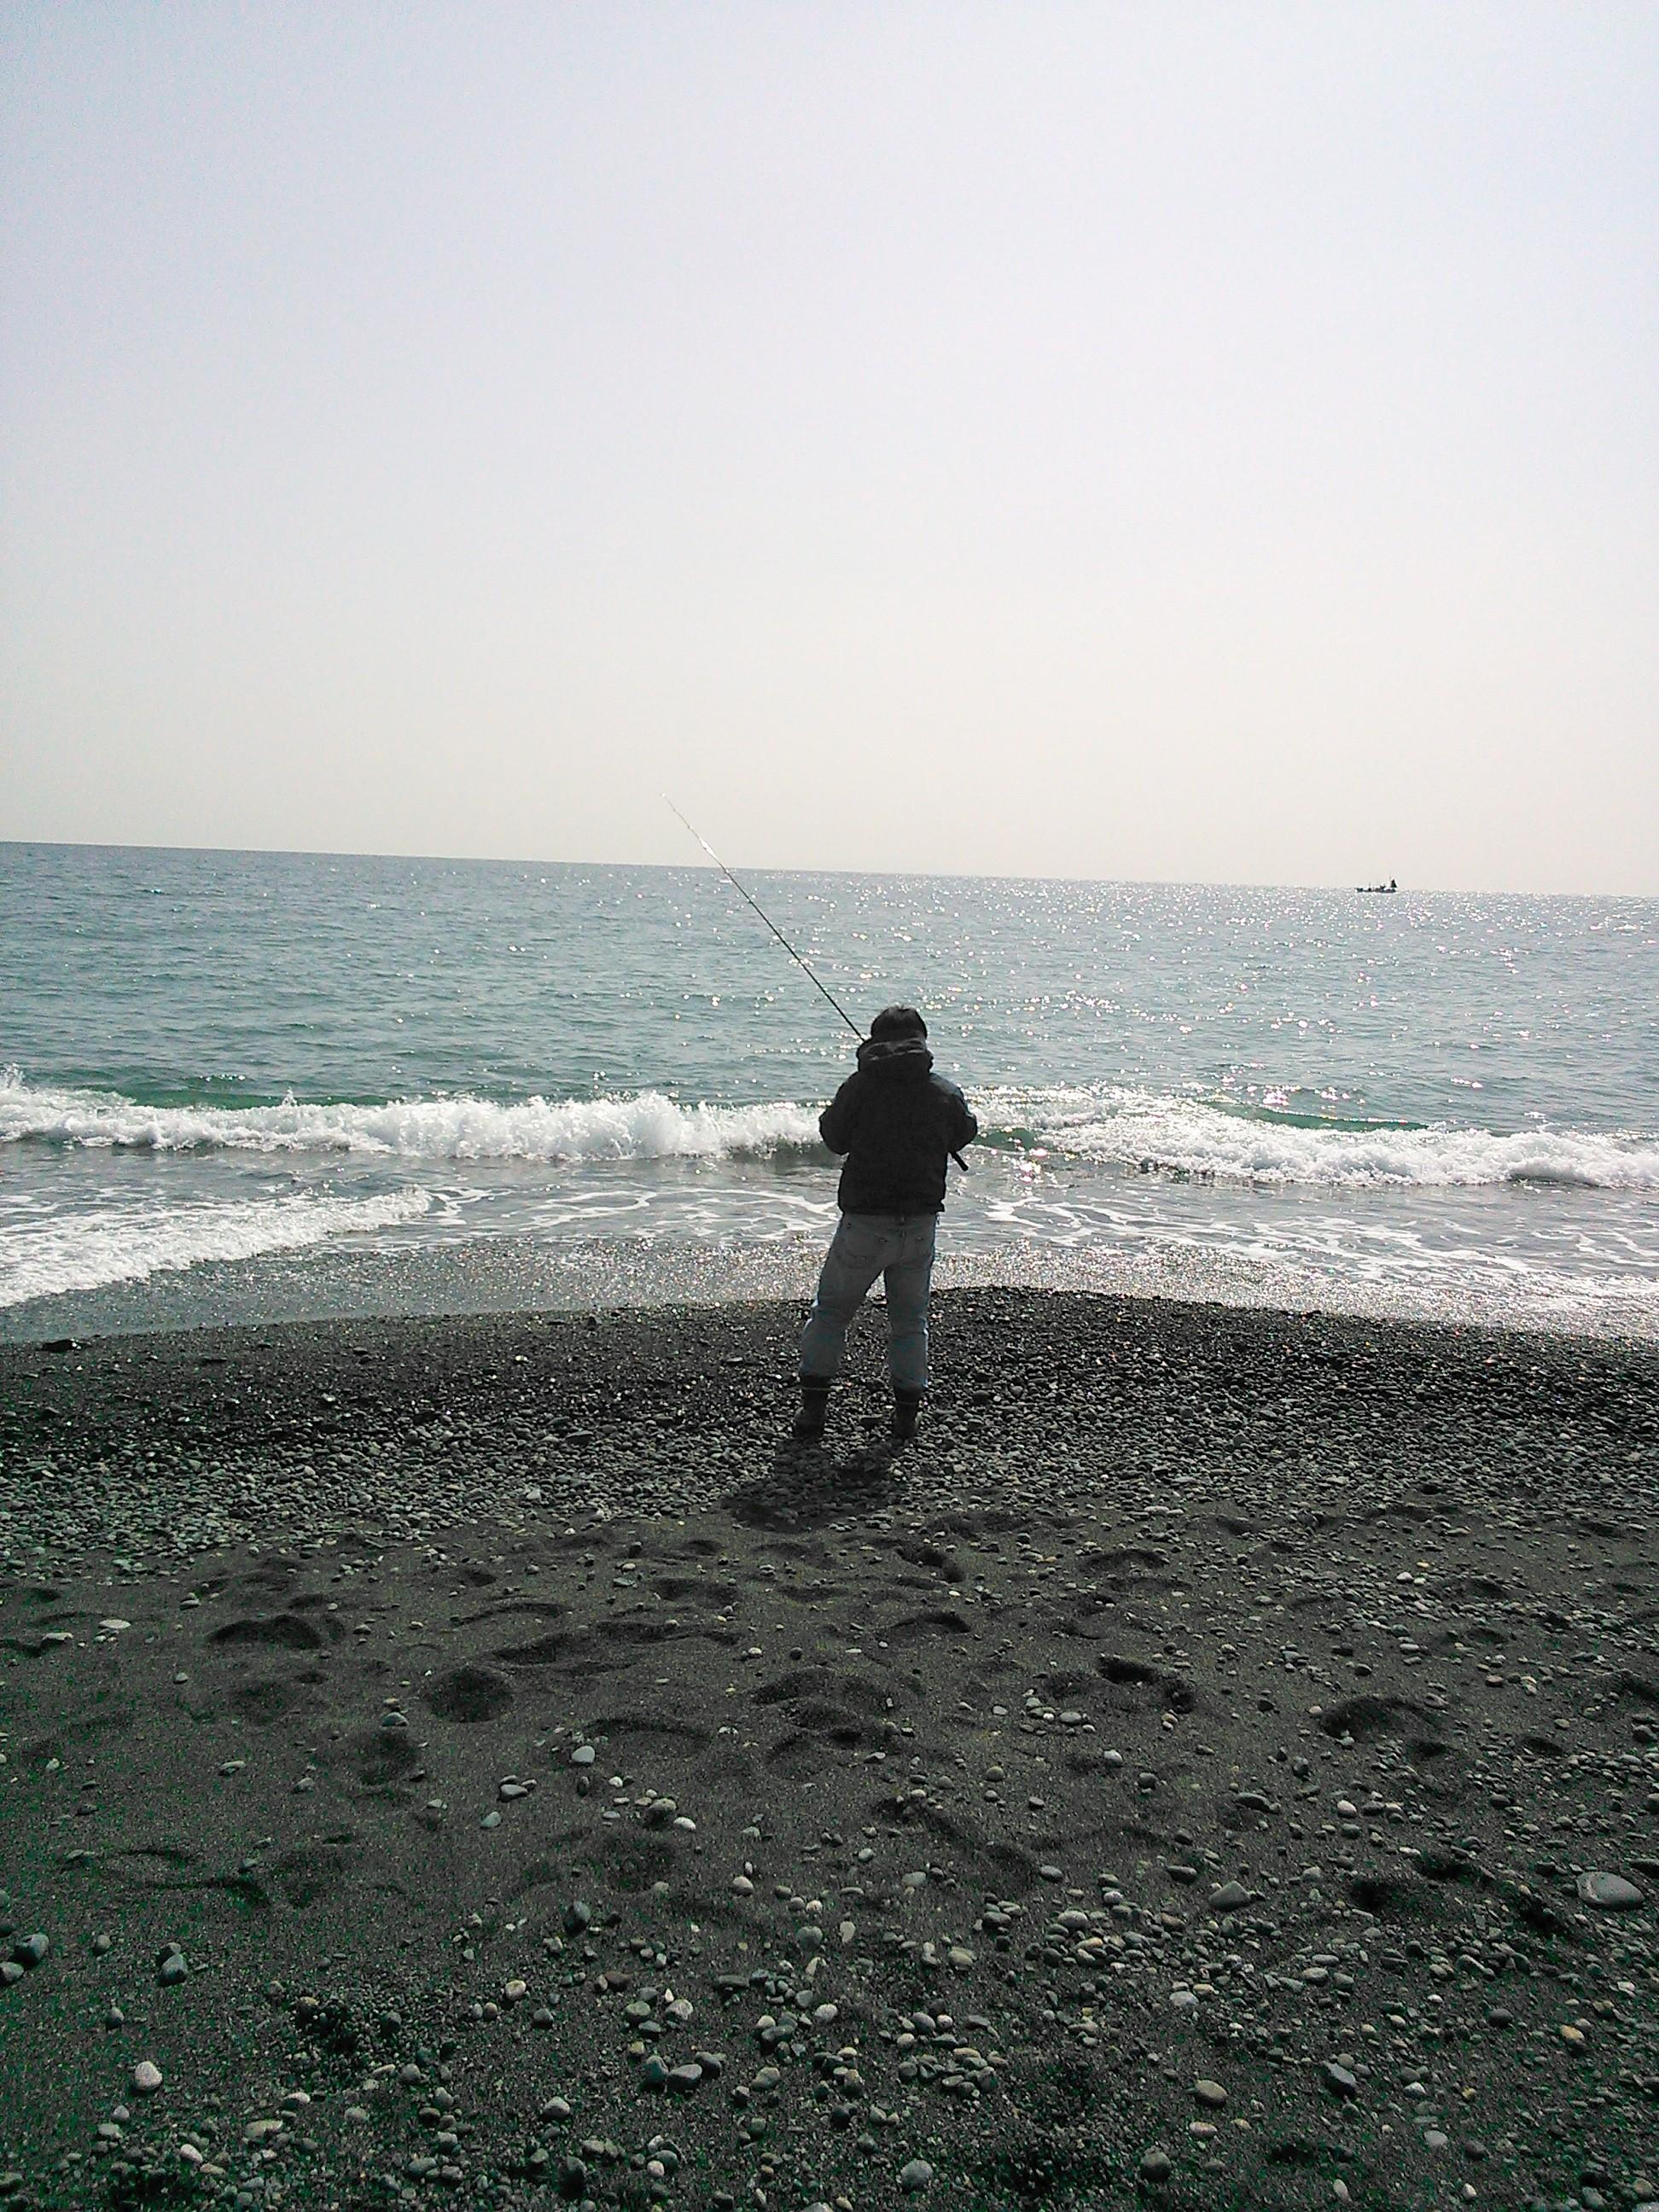 国府津海岸で竿を振る佐藤オキアミ